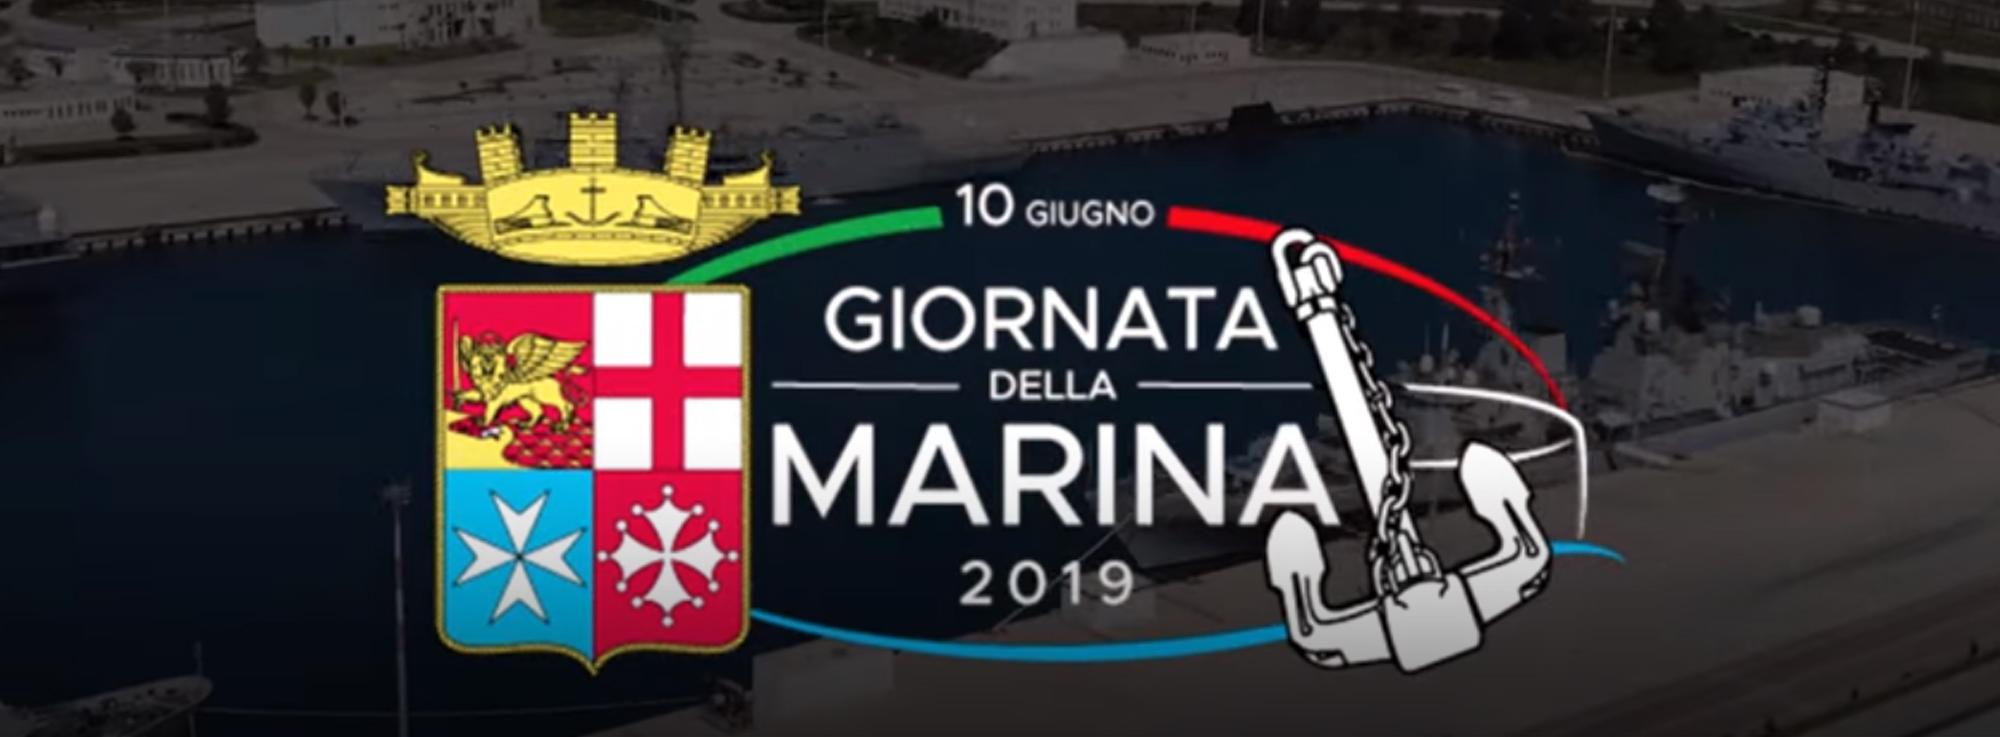 Taranto: Giornata della Marina Militare 2019